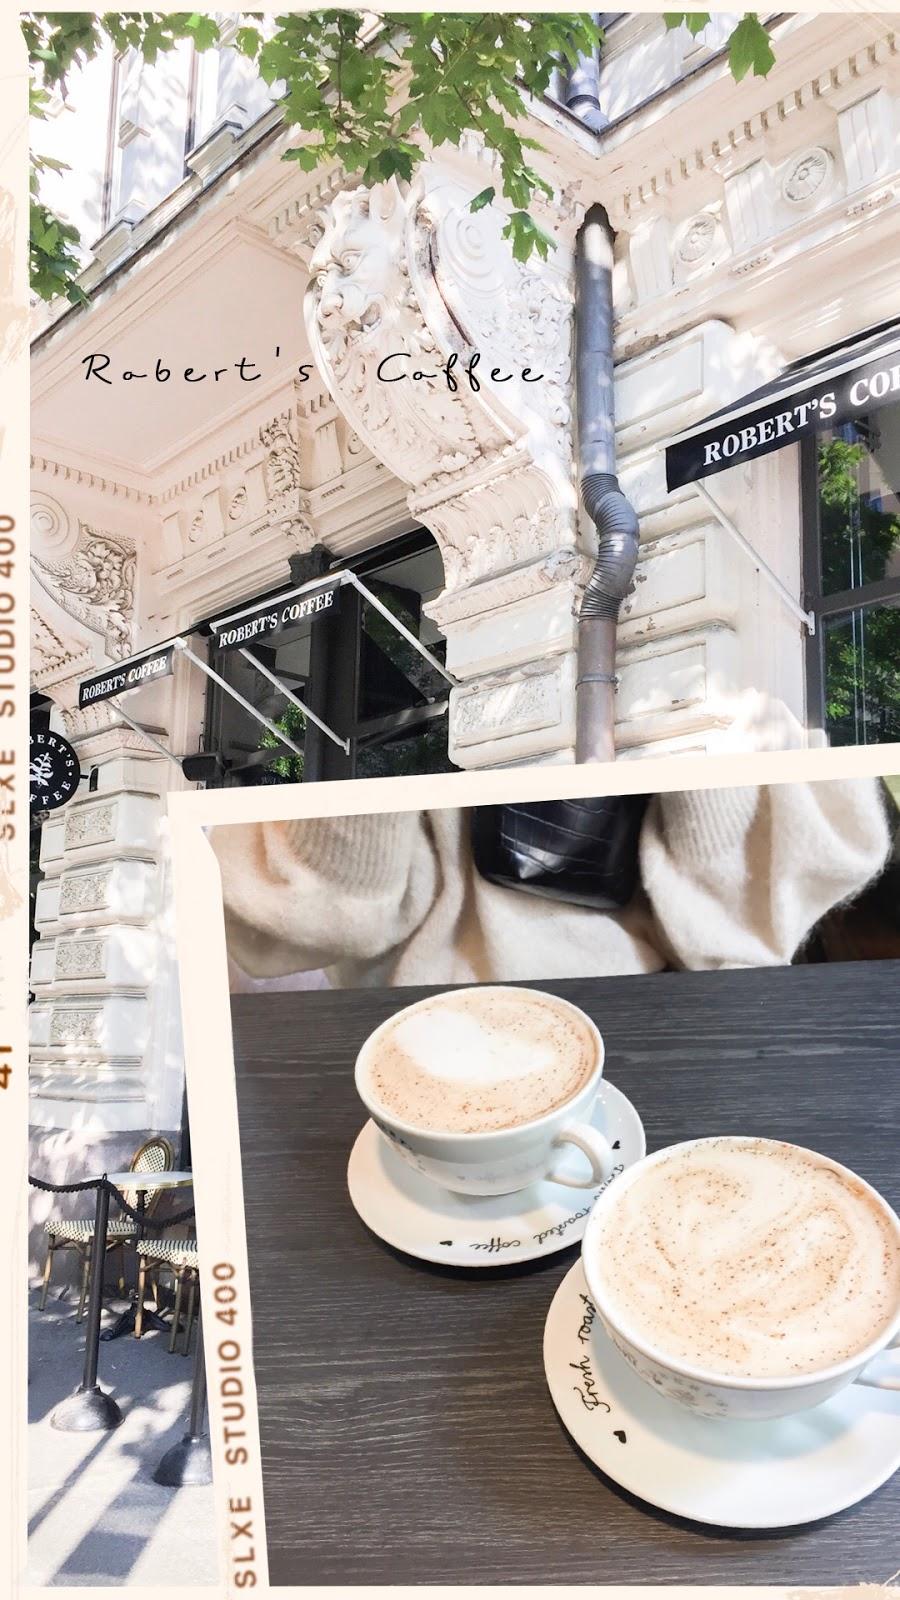 Helsinki Coffee Guide / Helsingin kahvilat: Robert's Coffee Bulevardi & Jugend